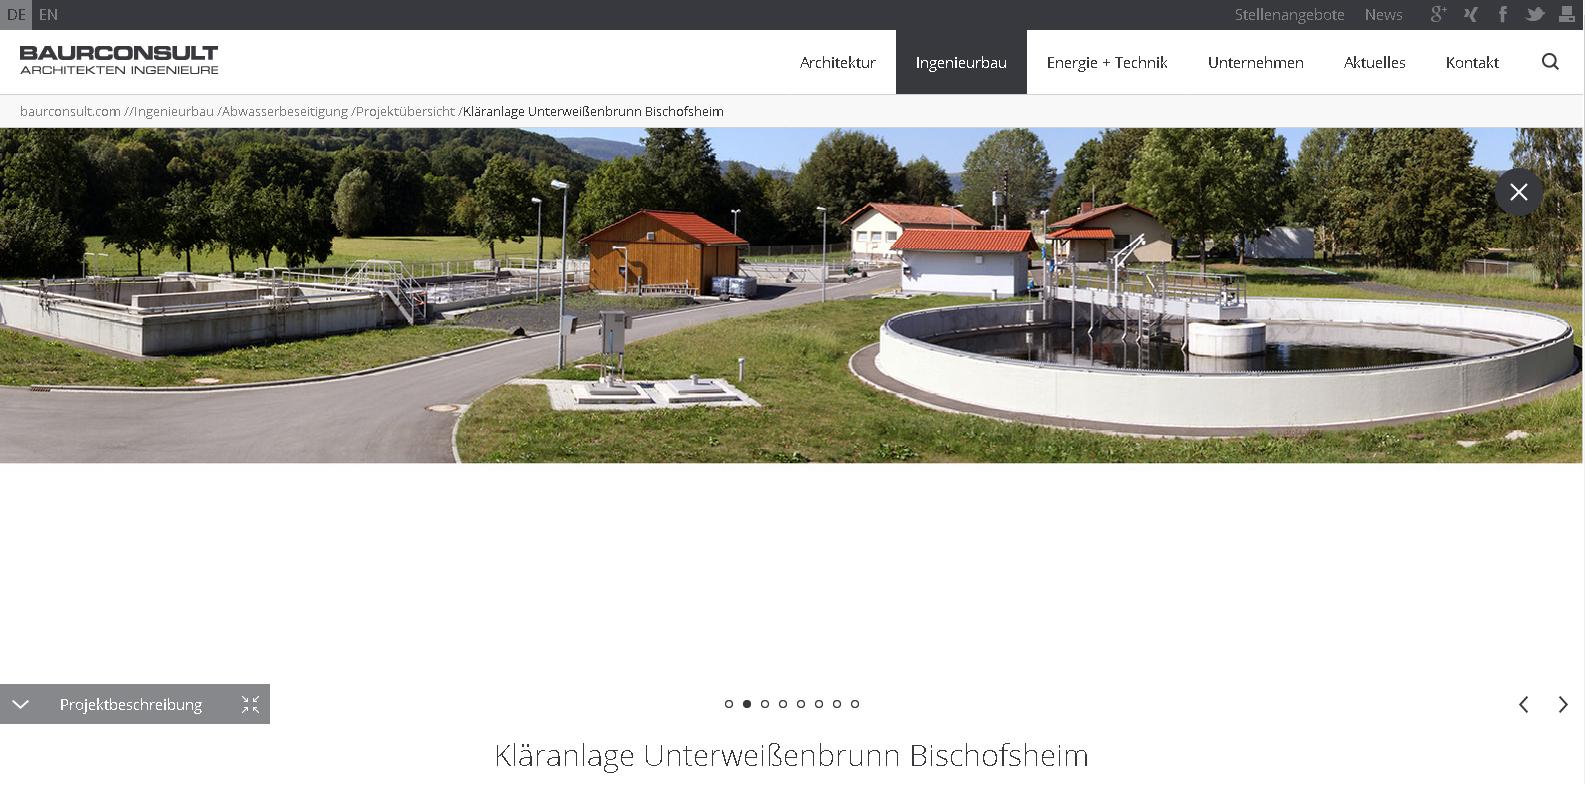 ARCHITEKTEN (Kläranlagen-Fotos für das Planungsbüro Baurconsult)